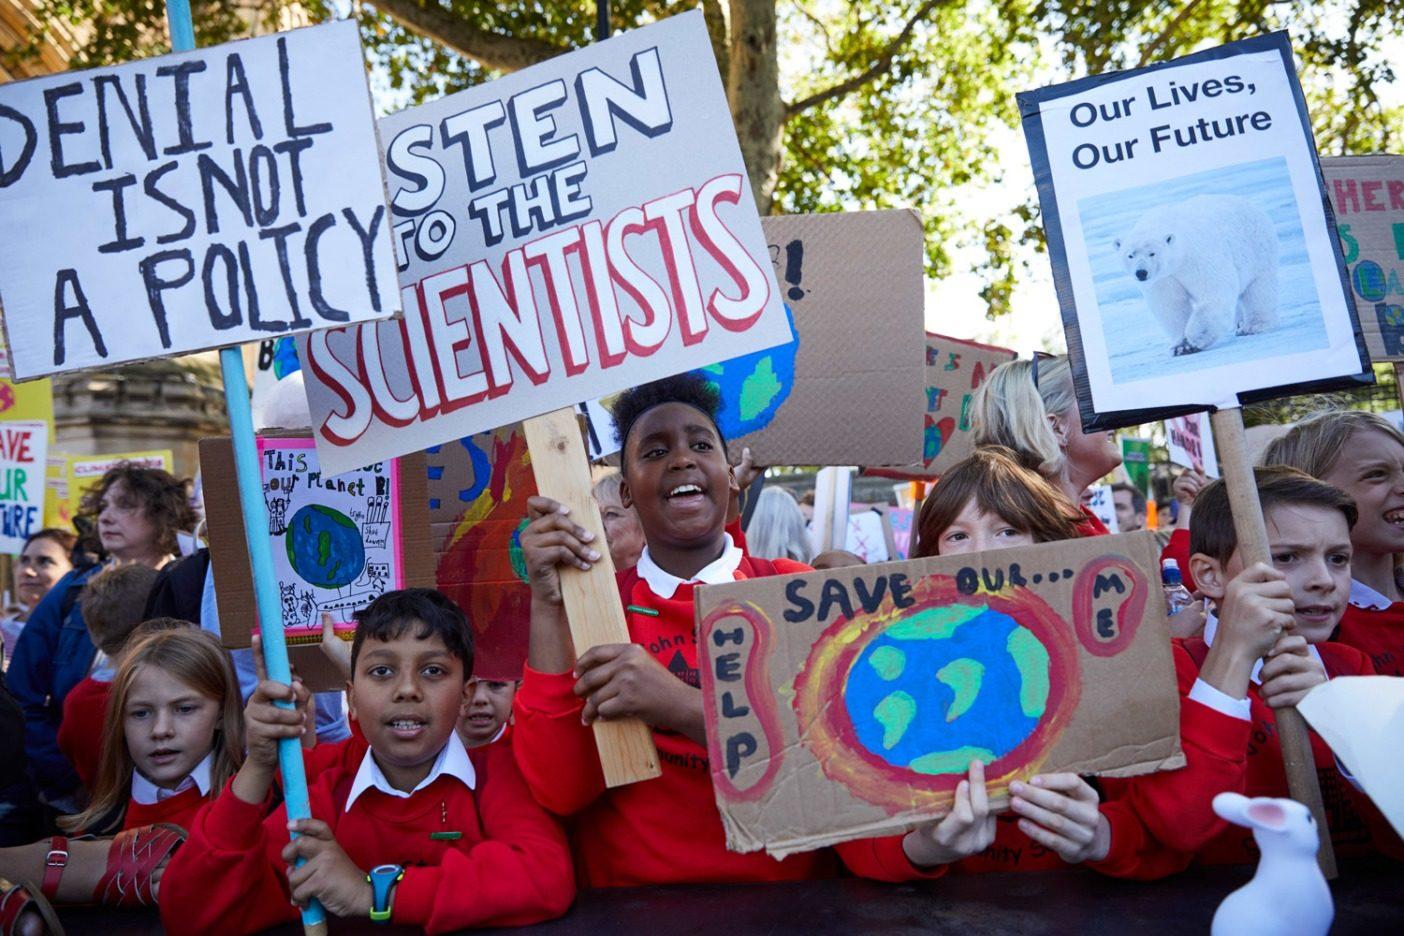 9月20日、英国ロンドンでグループを先導する若い活動家たち。およそ10万人がロンドンでのストライキに参加し、主催者は英国全体では約35万人が参加したと見積もる。Photo: Courtesy of Patagonia